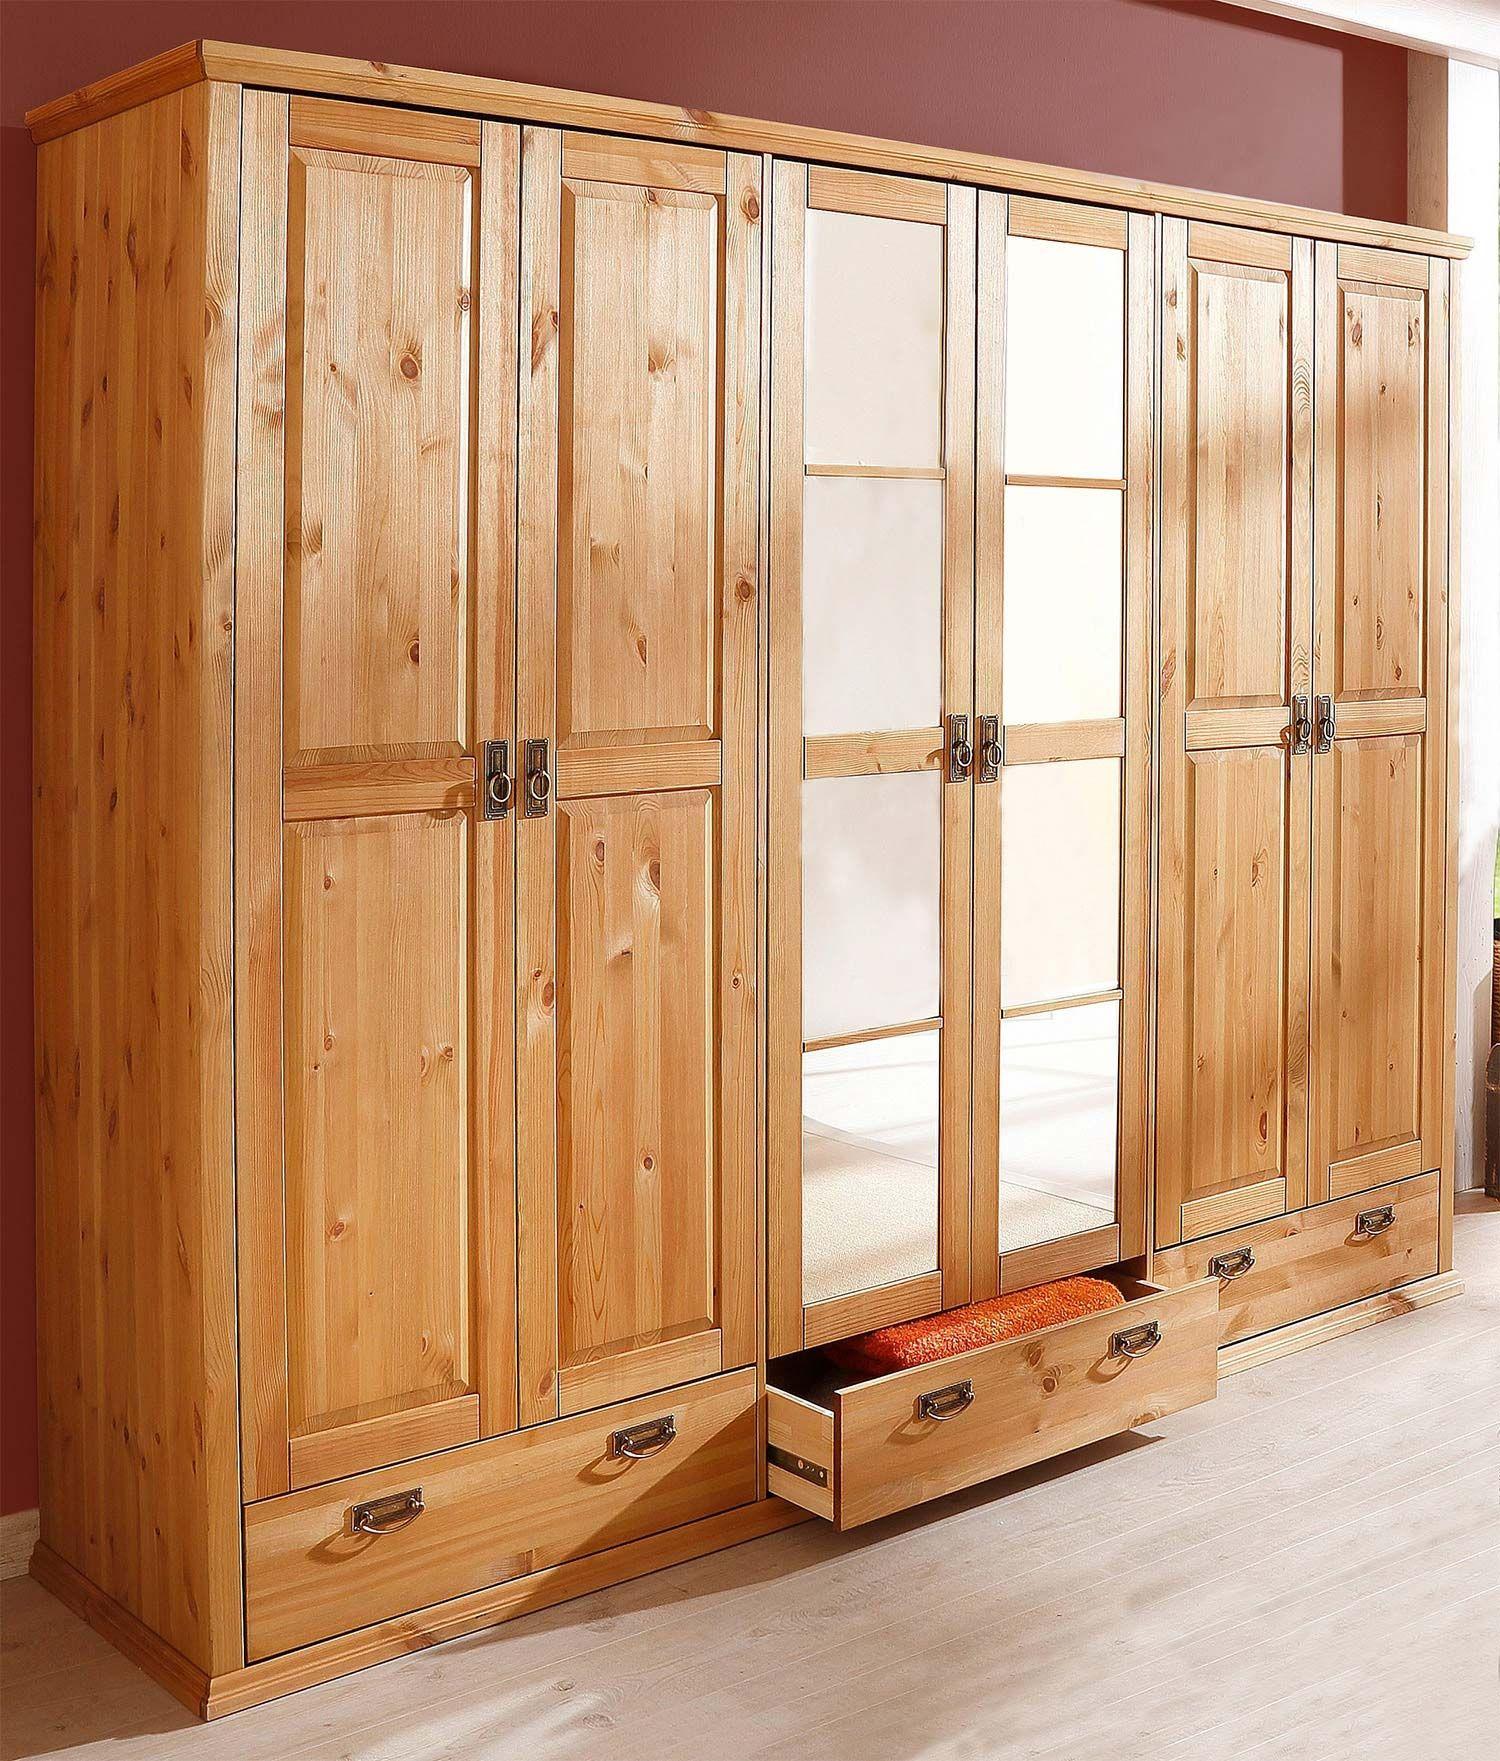 Kleiderschrank Schlafzimmerschrank Kiefer Massiv Natur 245cm 6